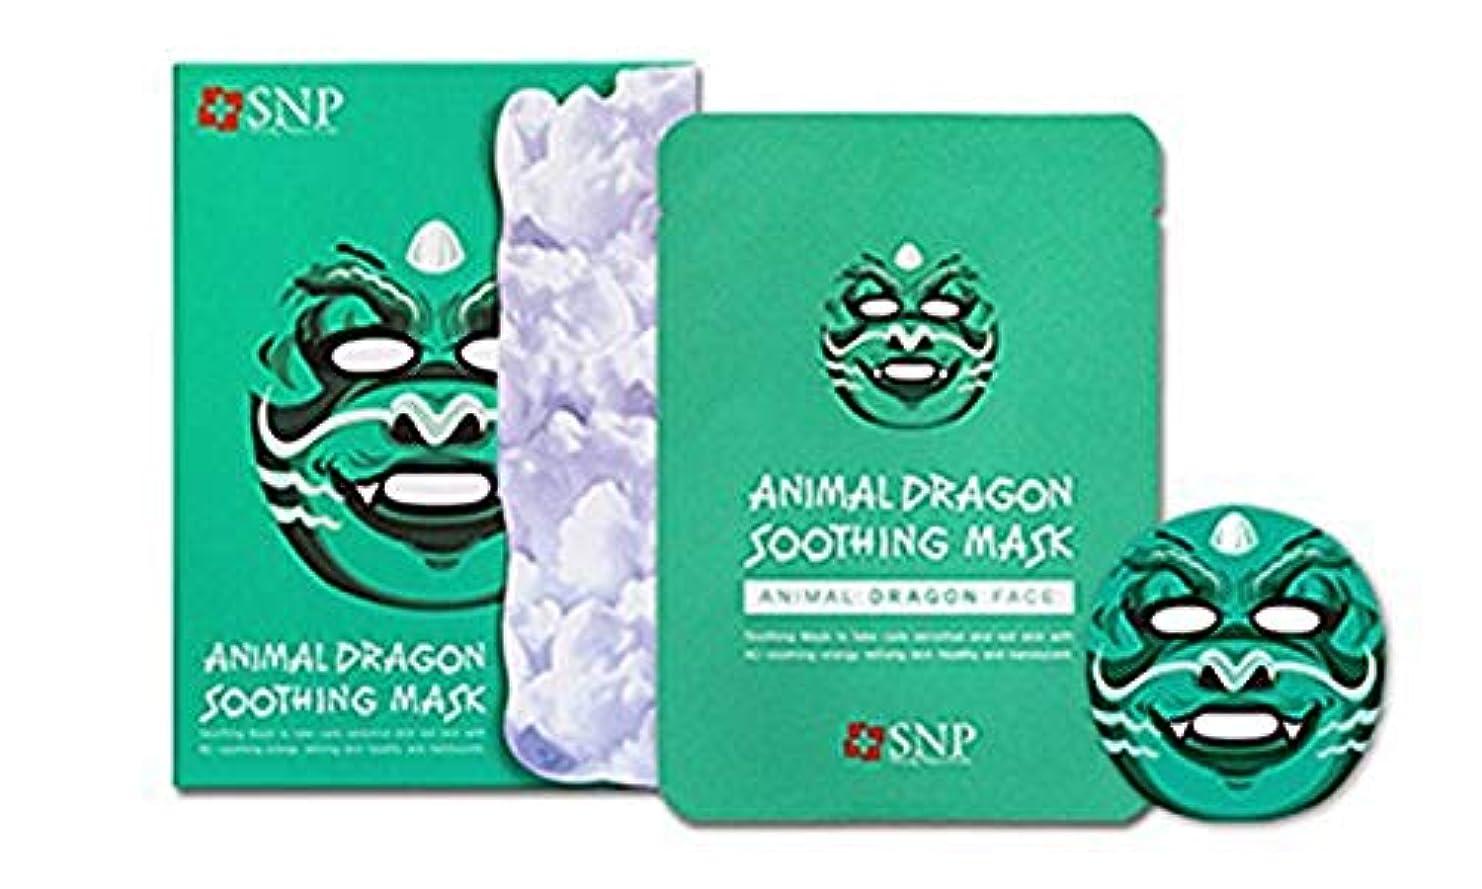 官僚教室なのでSNP アニマル ドラゴン スーディングリンマスク10枚 / animal dargon soothing mask 10ea[海外直送品]